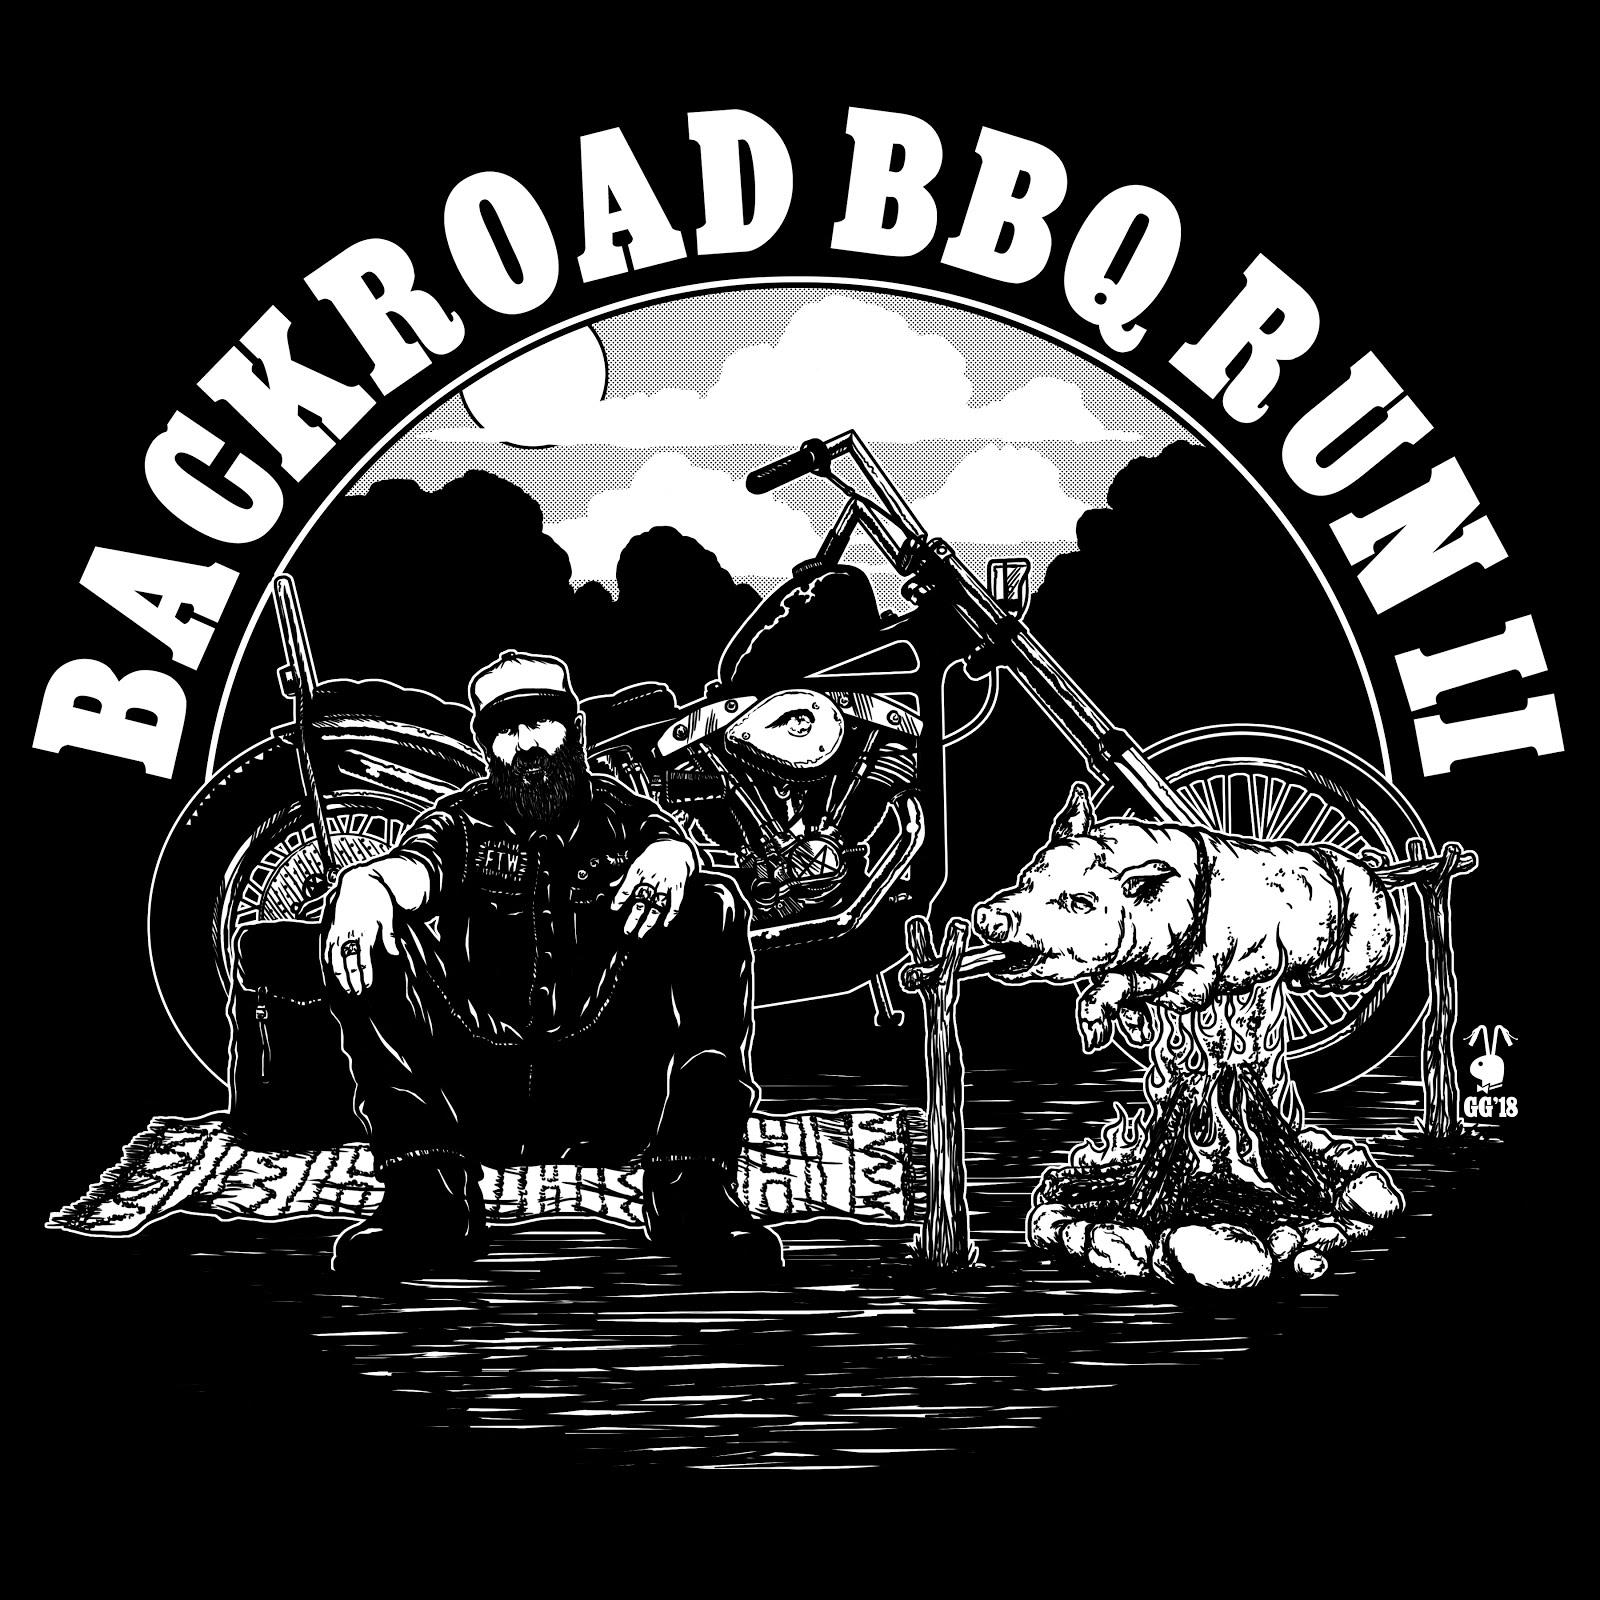 Backroad BBQ